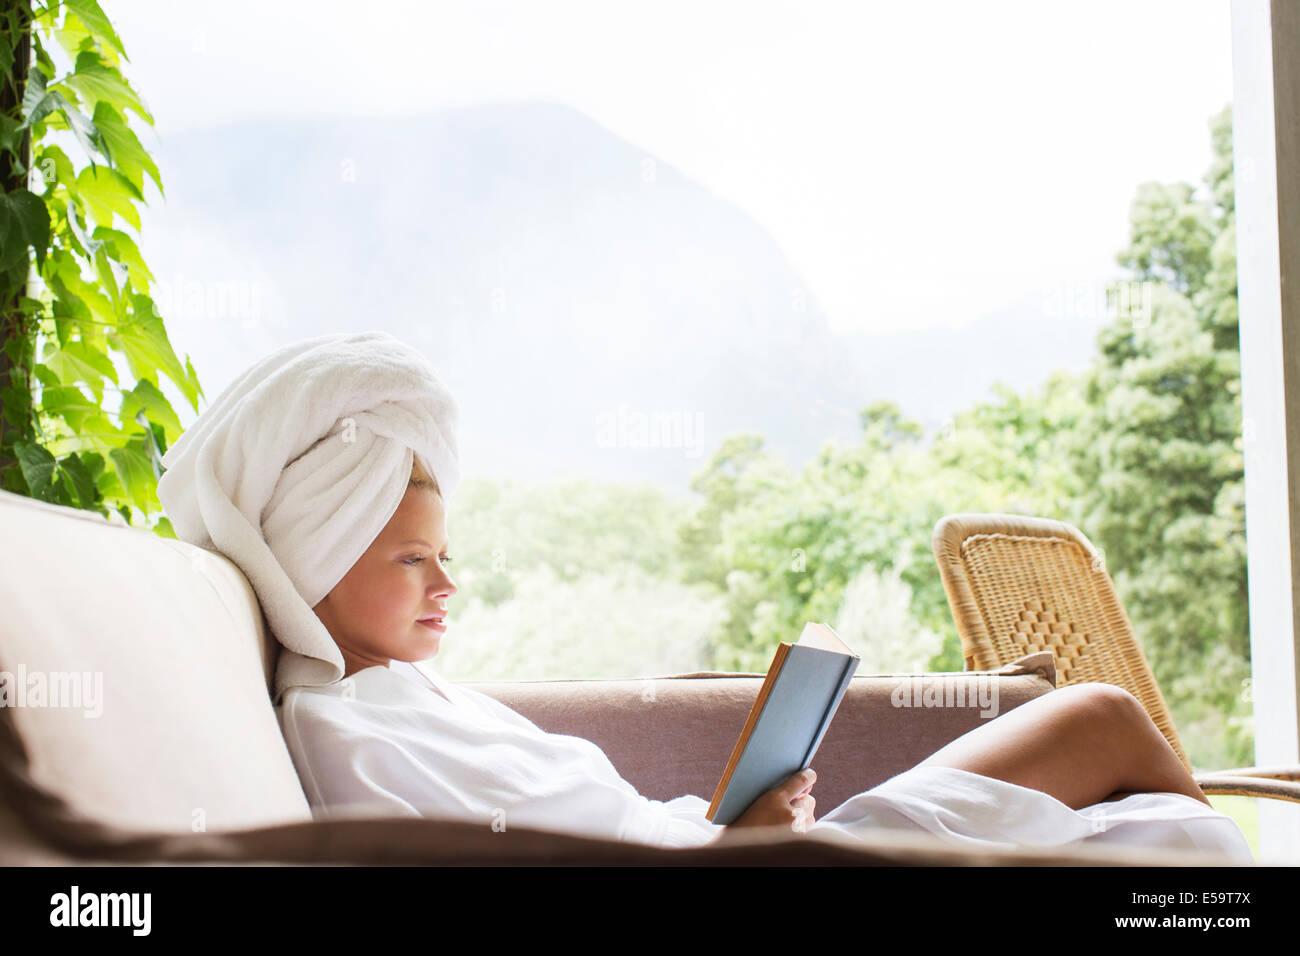 Donna in accappatoio lettura sul divano Immagini Stock